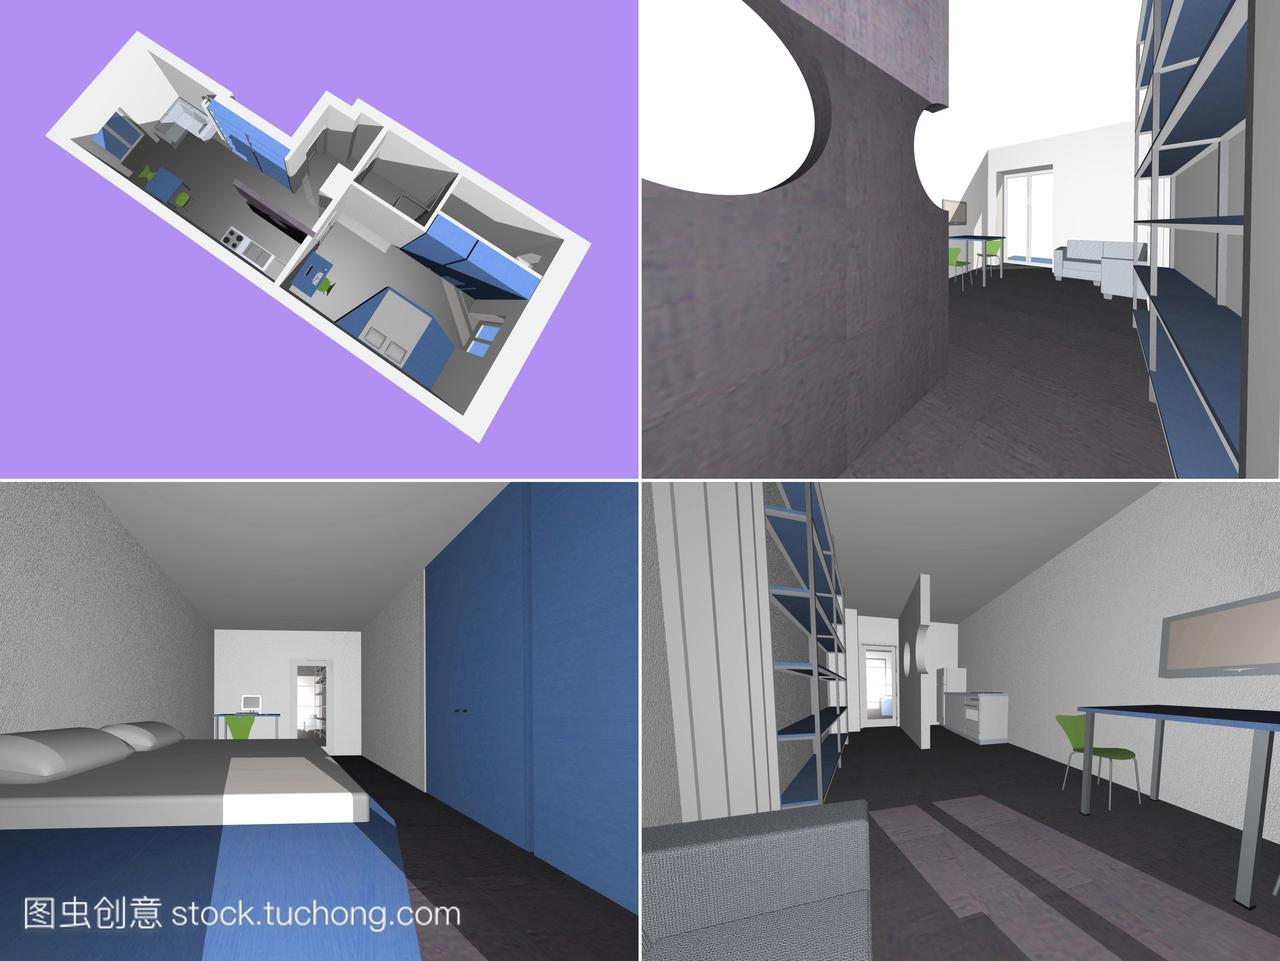 椅子,技术,图纸,模特的,架子,桌子,沙发,床,模型,柜子有限公司清华廊坊图片